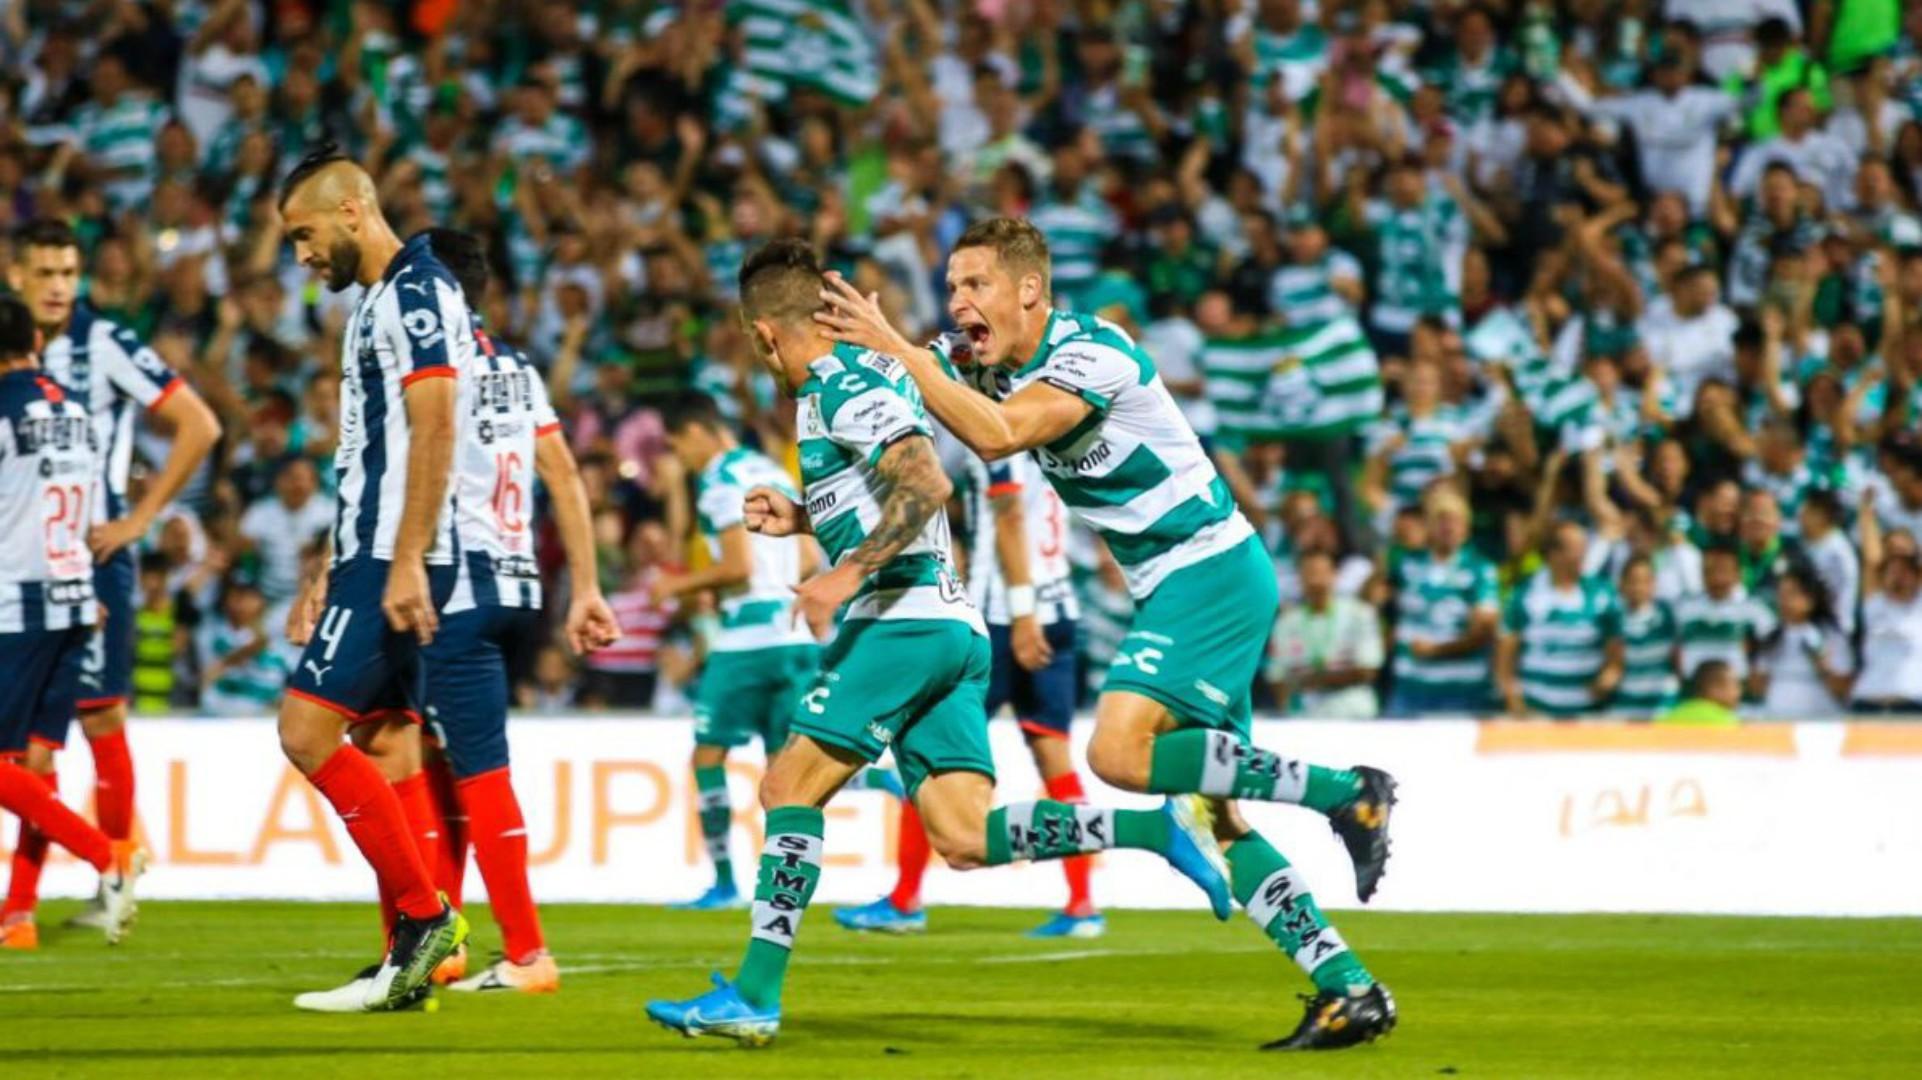 Santos gana a León de último minuto 3-2